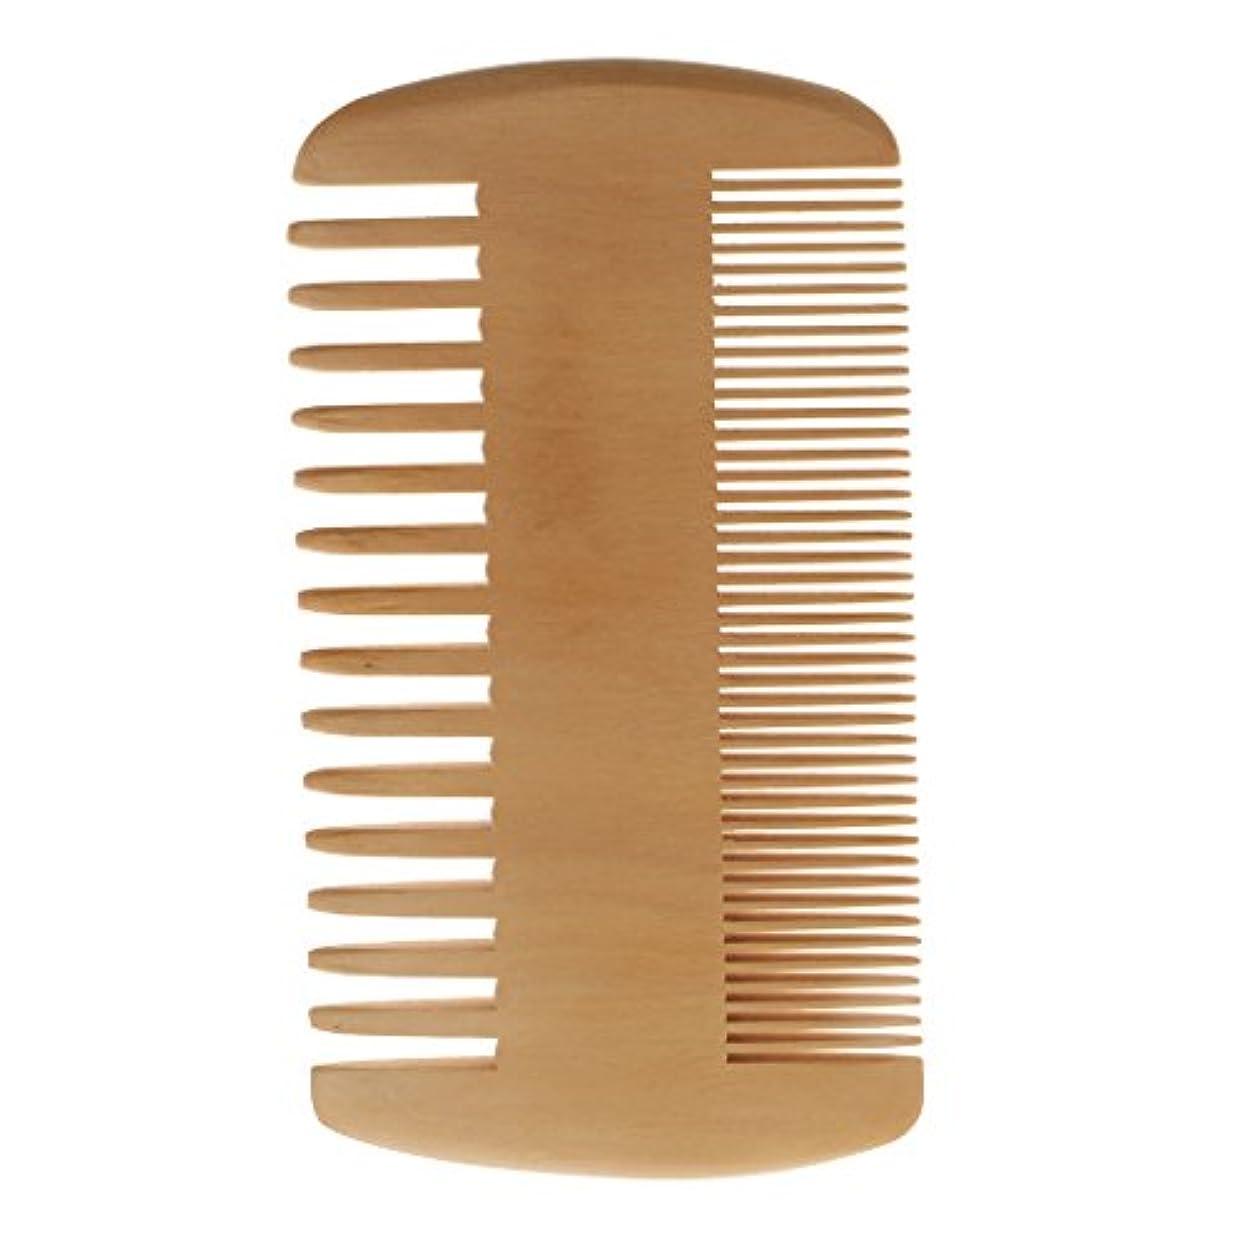 ちなみに断線プリーツポケットコーム 木製コーム 木製櫛 ヘアダイコーム ヘアブラシ 2倍 密度 歯 携帯 便利